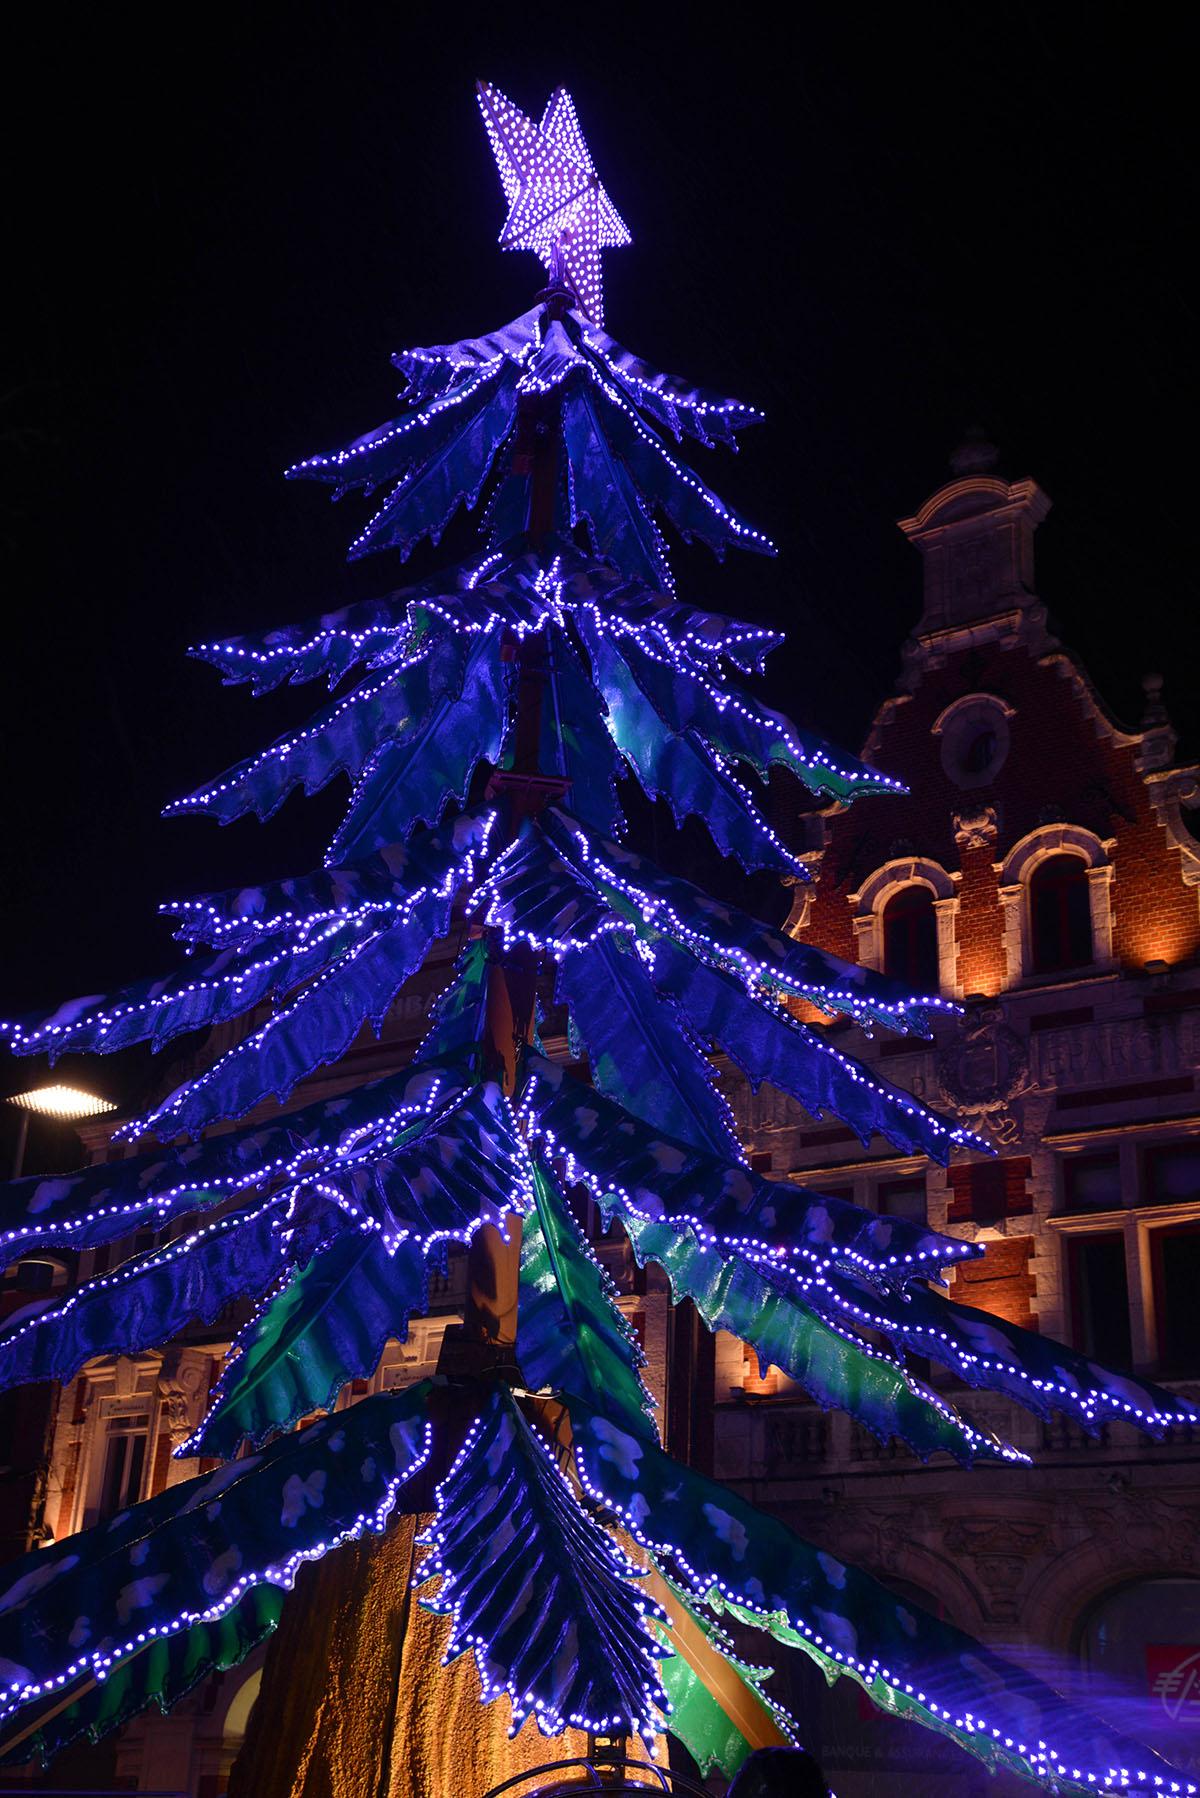 marché de Noël de Béthune, Pas-de-Calais, vue depuis le Beffroi